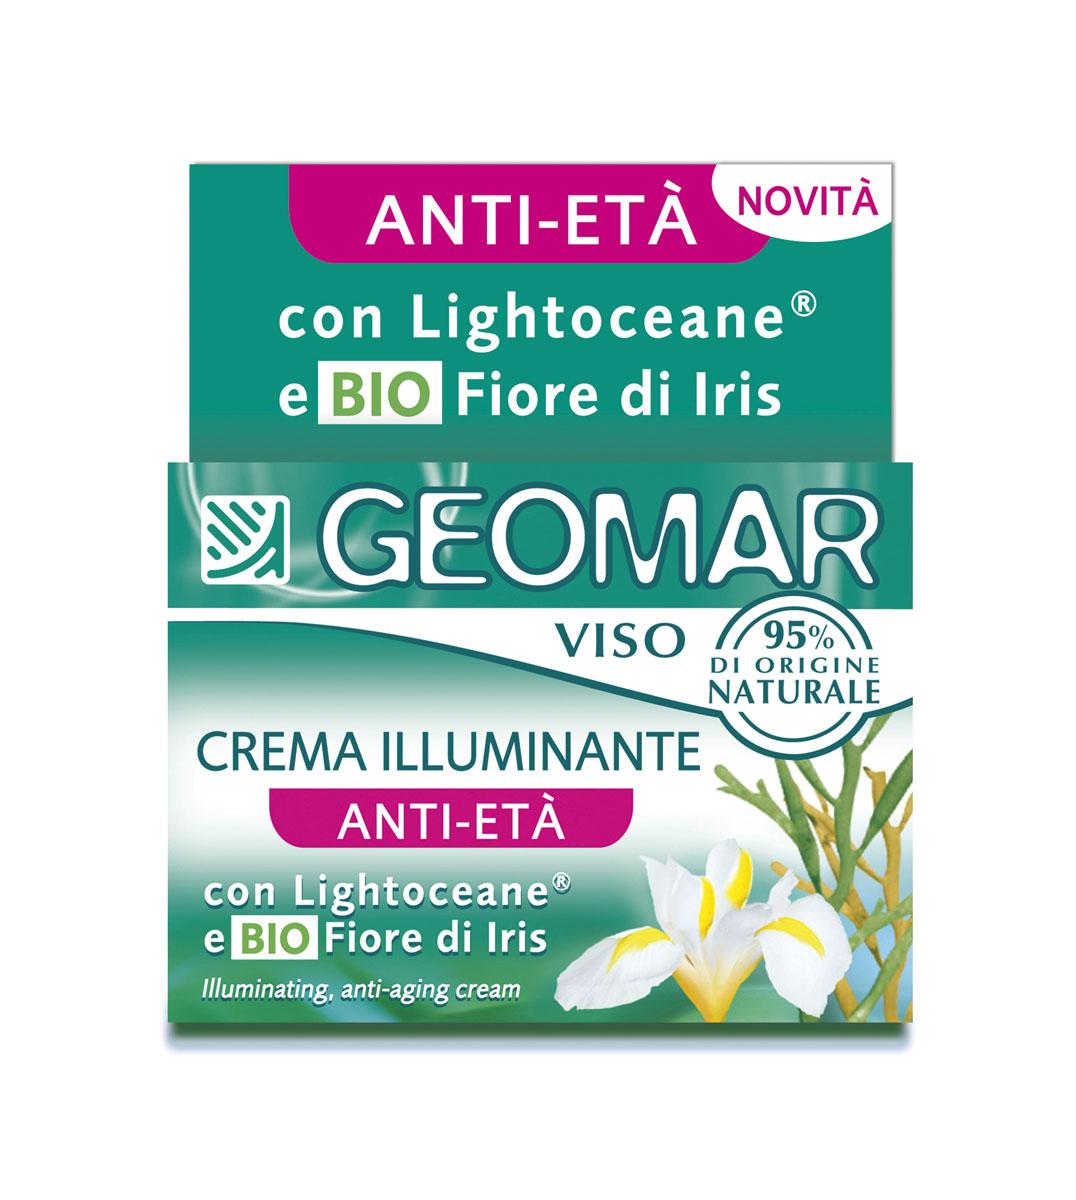 Geomar Крем для лица омолаживающий осветляющий 50 мл.38681102Подходит для всех типов кожи, даже для чувствительной. Содержит Lightoceane ® - активный ингредиент на основе бурых водорослей, который обеспечивает осветляющее и омолаживающее действие, выравнивает цвет лица, защищает кожу от УФ-лучей и свободных радикалов. В состав входит натуральный цветок Ириса, который увлажняет кожу, придает ей упругость и мягкость.